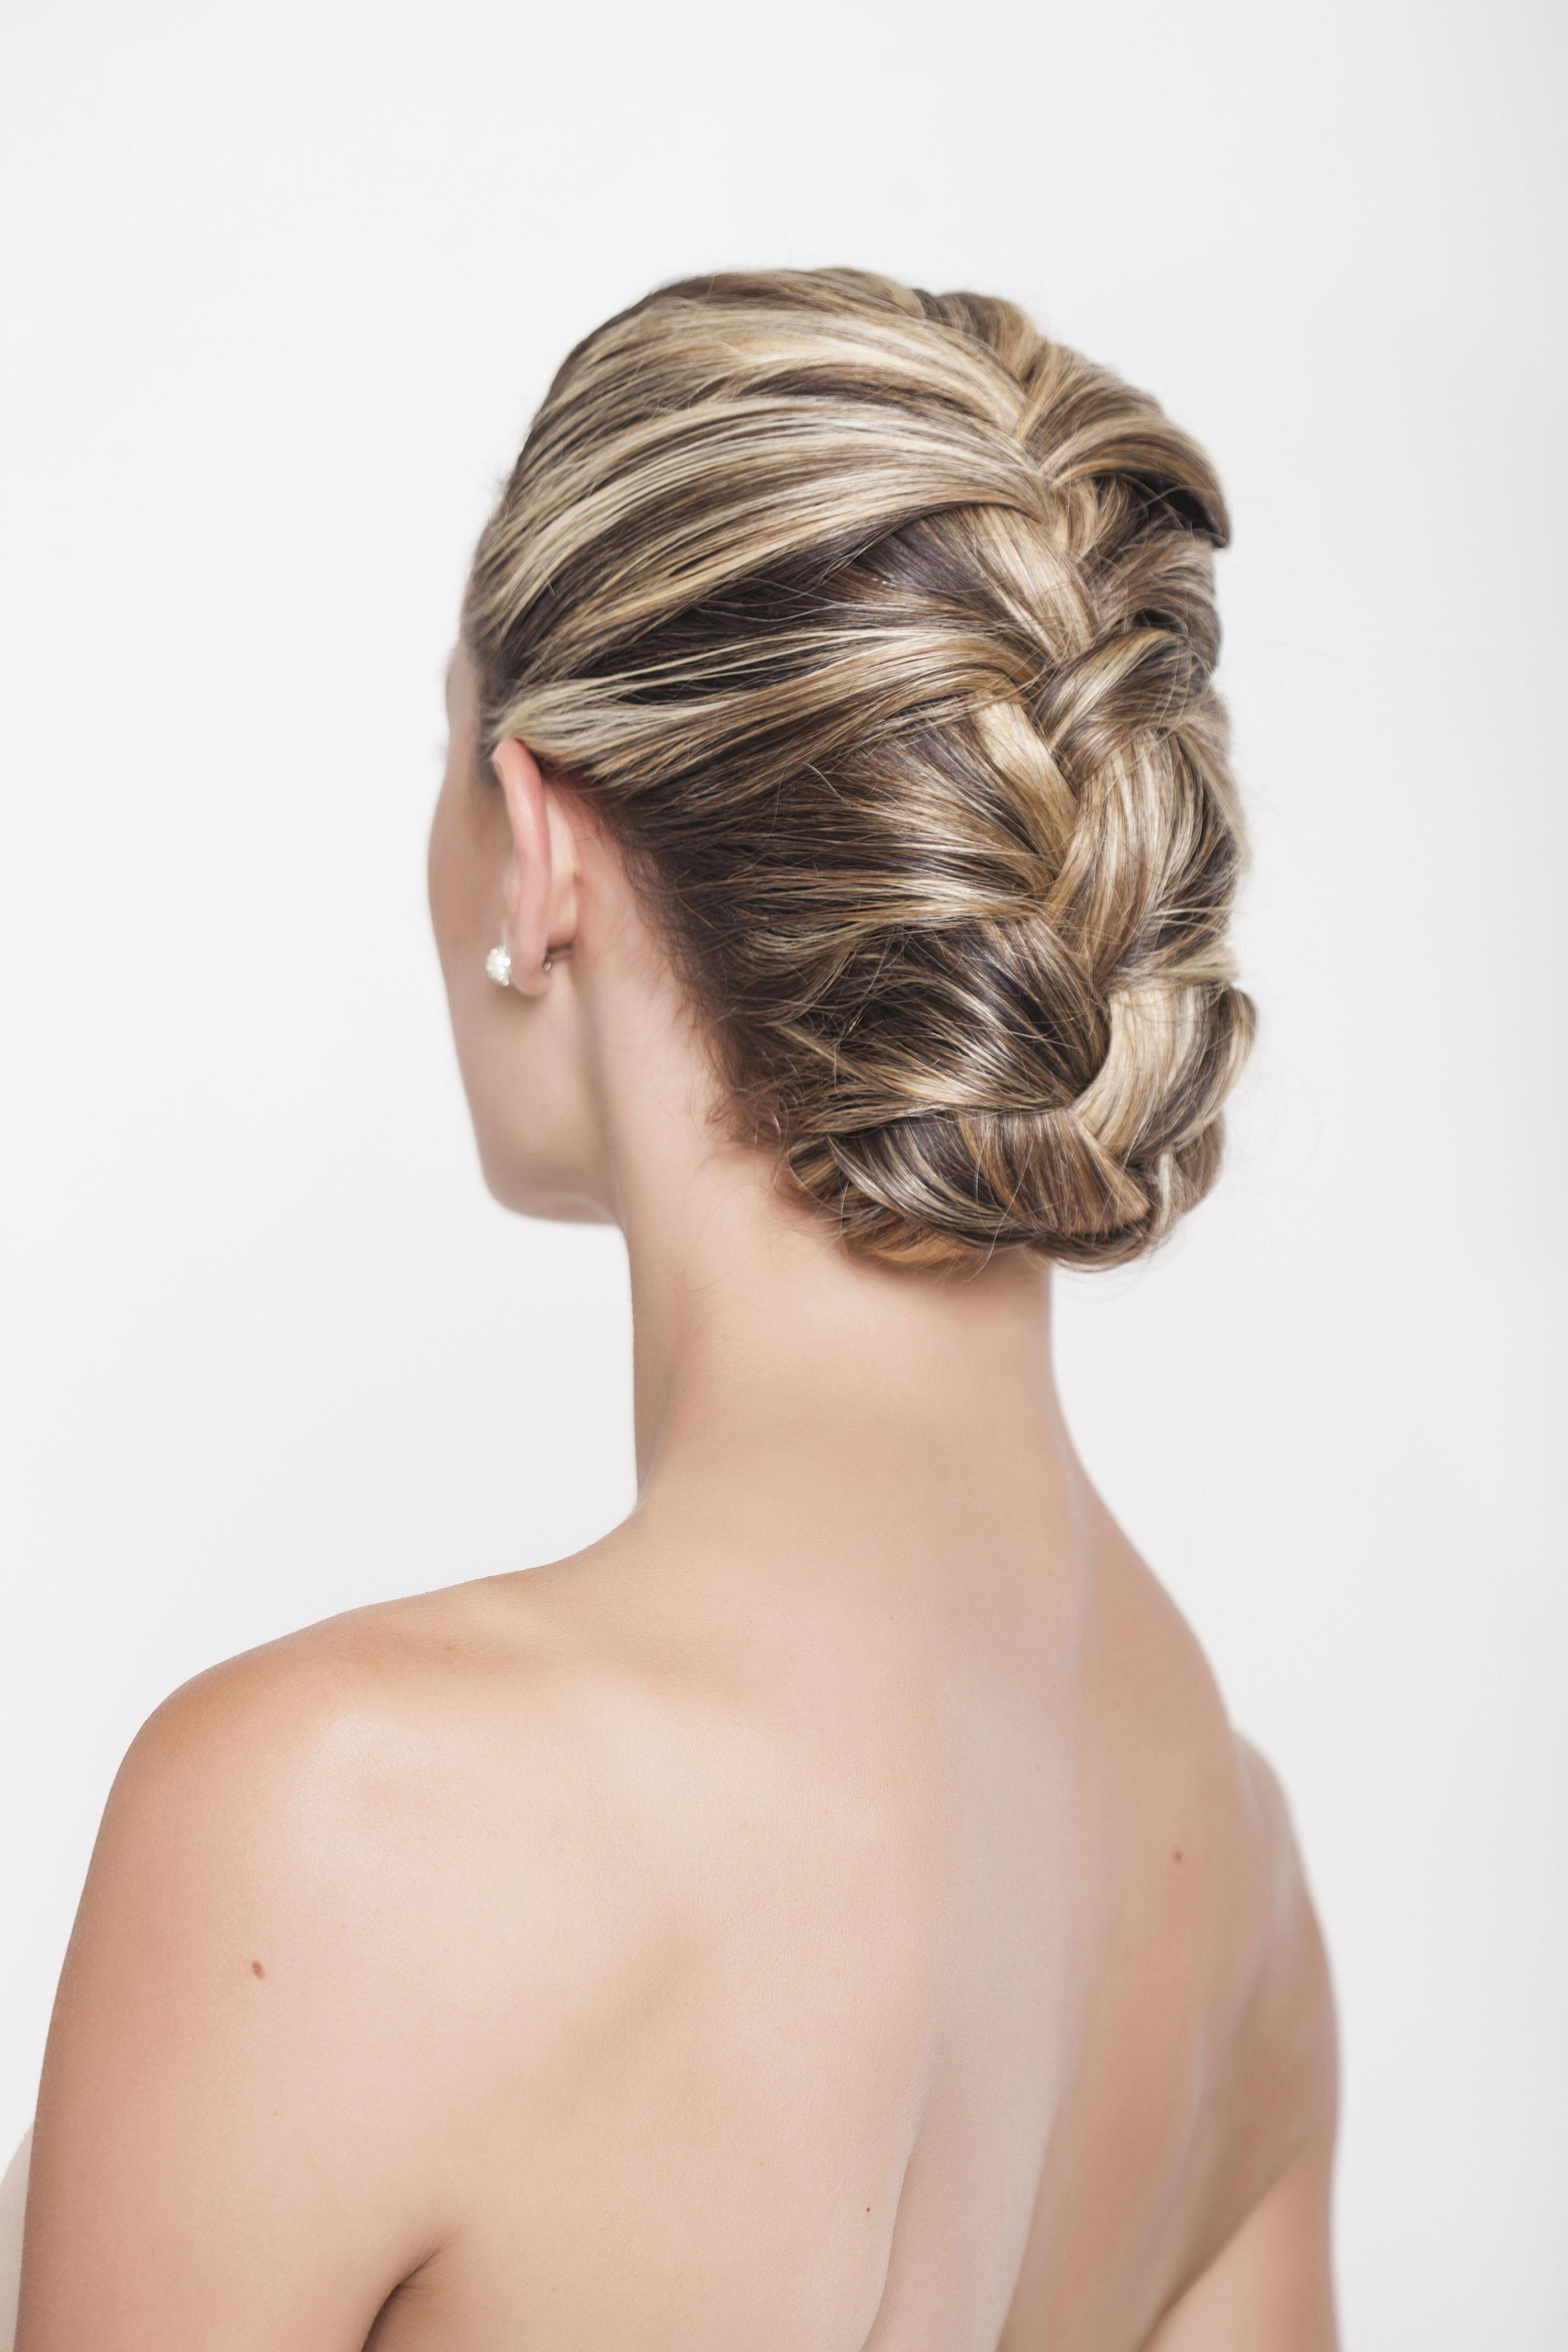 Fácil peinados trenza Imagen De Consejos De Color De Pelo - Peinados De Trenza Floja   Certificacion Calidad Turistica